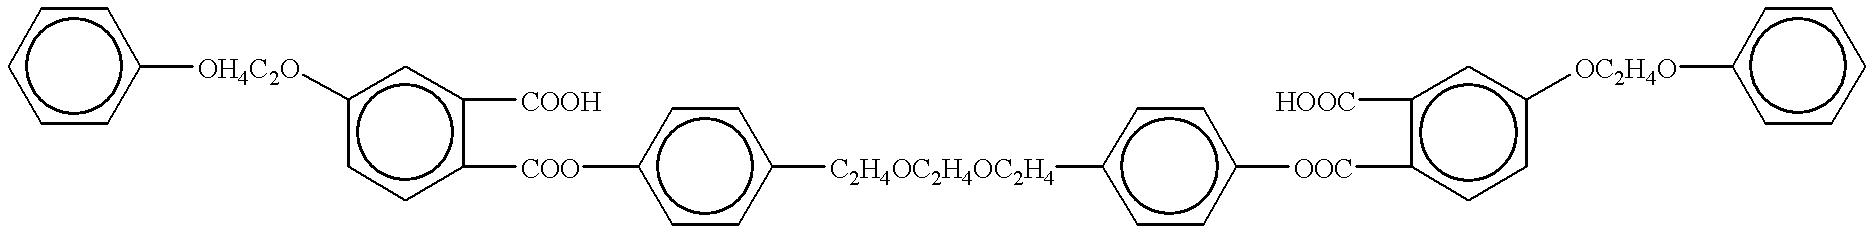 Figure US06180560-20010130-C00329